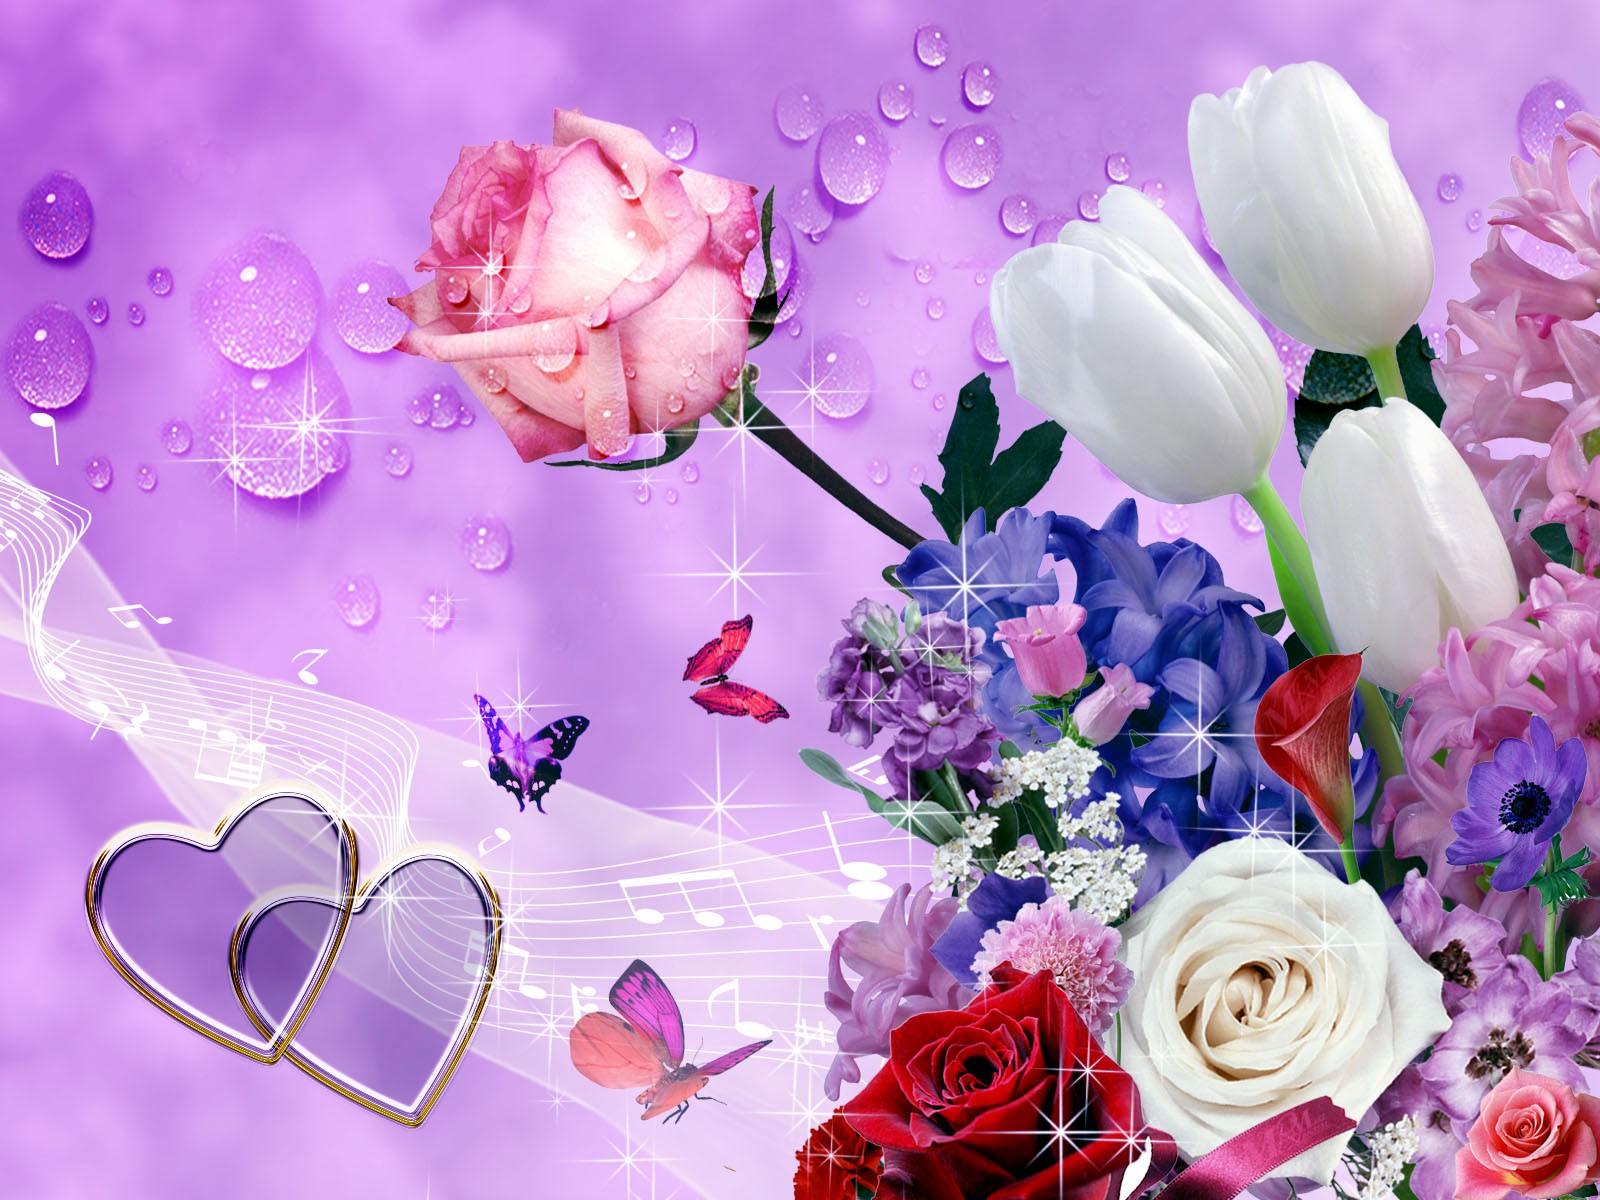 Imagini cu flori desktop